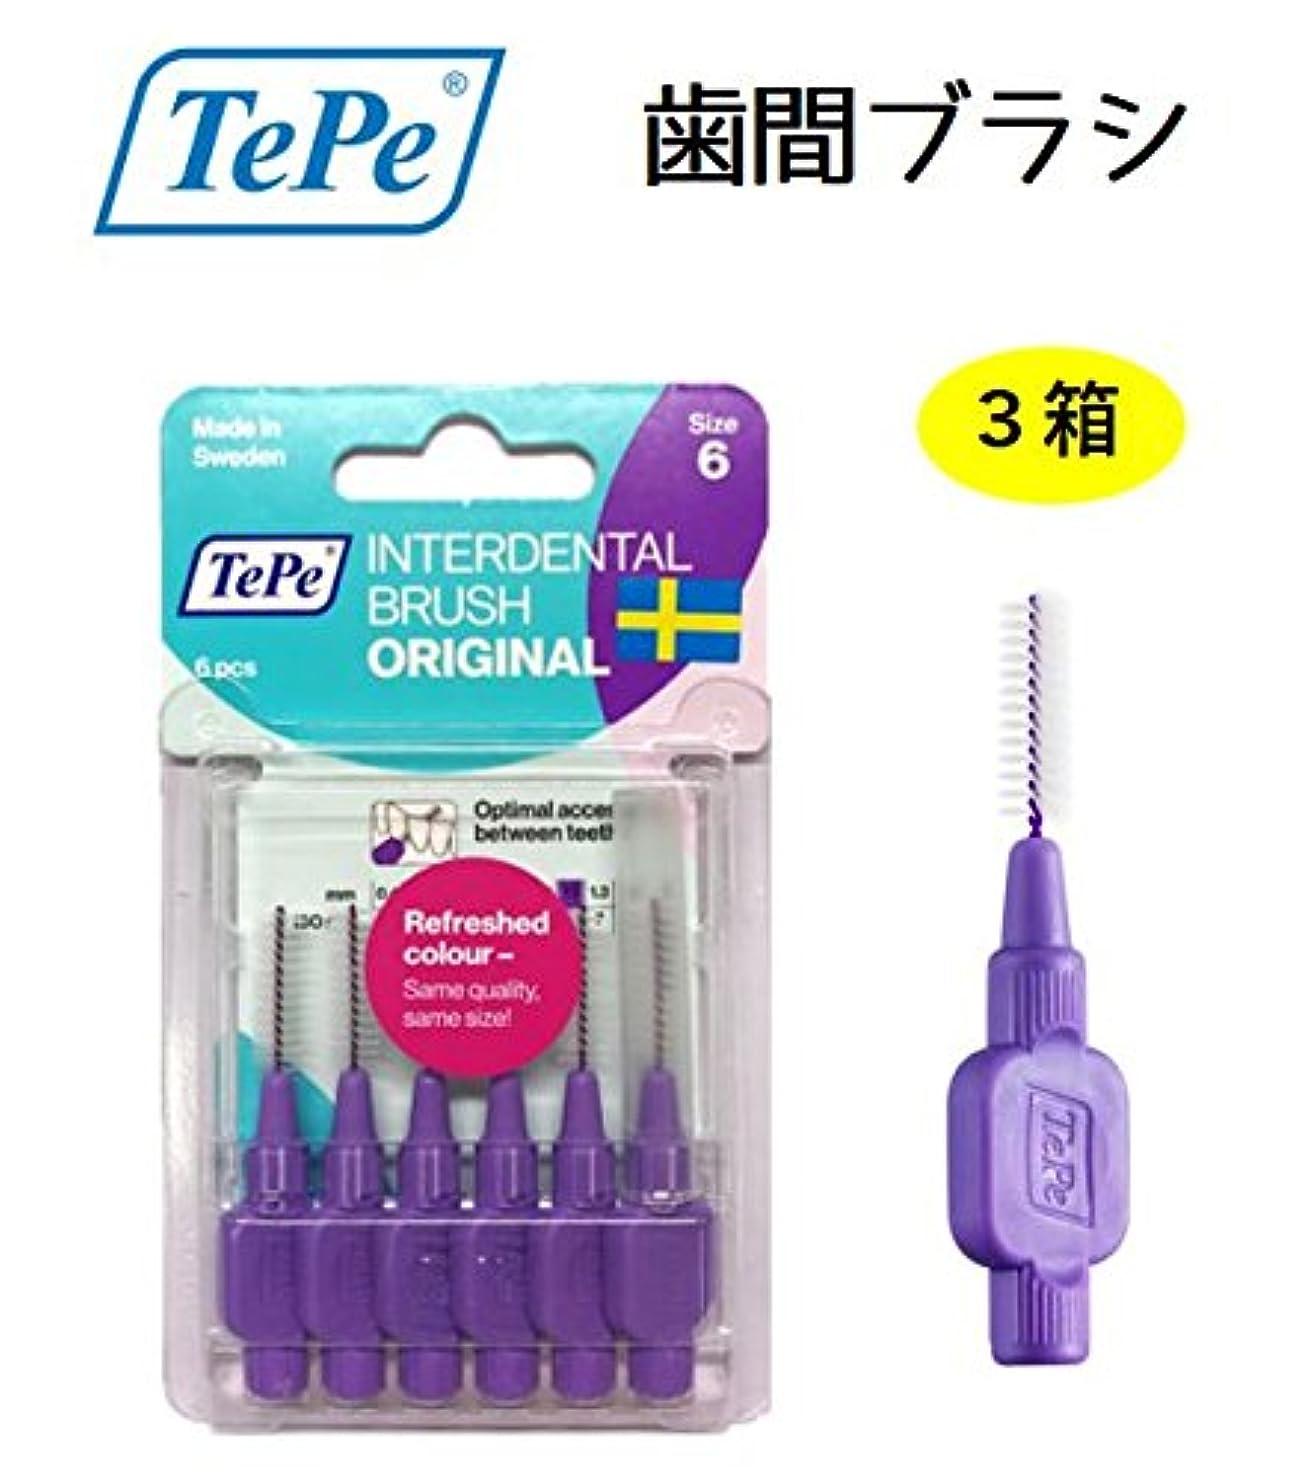 追加頭イベントテペ 歯間プラシ 1.1mm ブリスターパック 3パック TePe IDブラシ